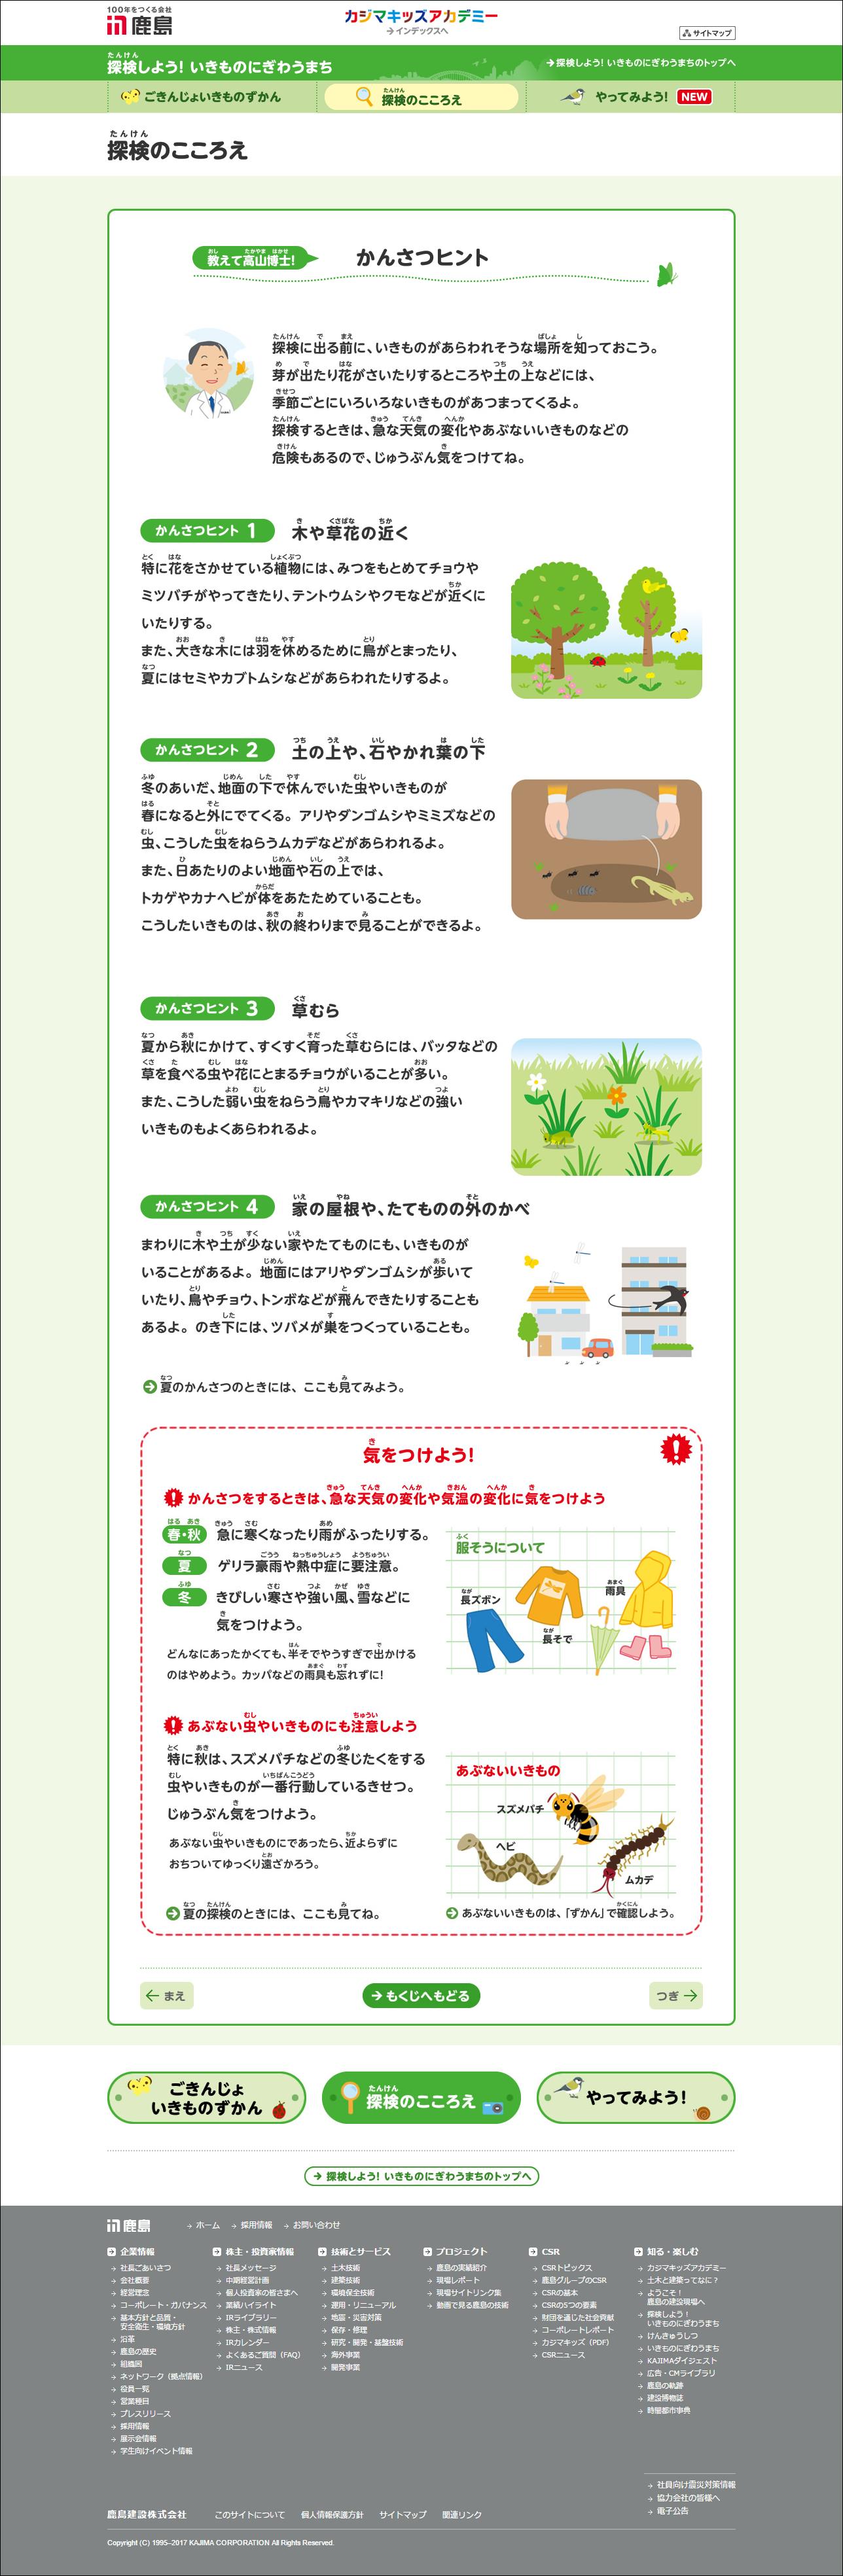 画像:特設サイト制作「カジマキッズアカデミー – 探検しよう! いきものにぎわうまち – 」/鹿島建設